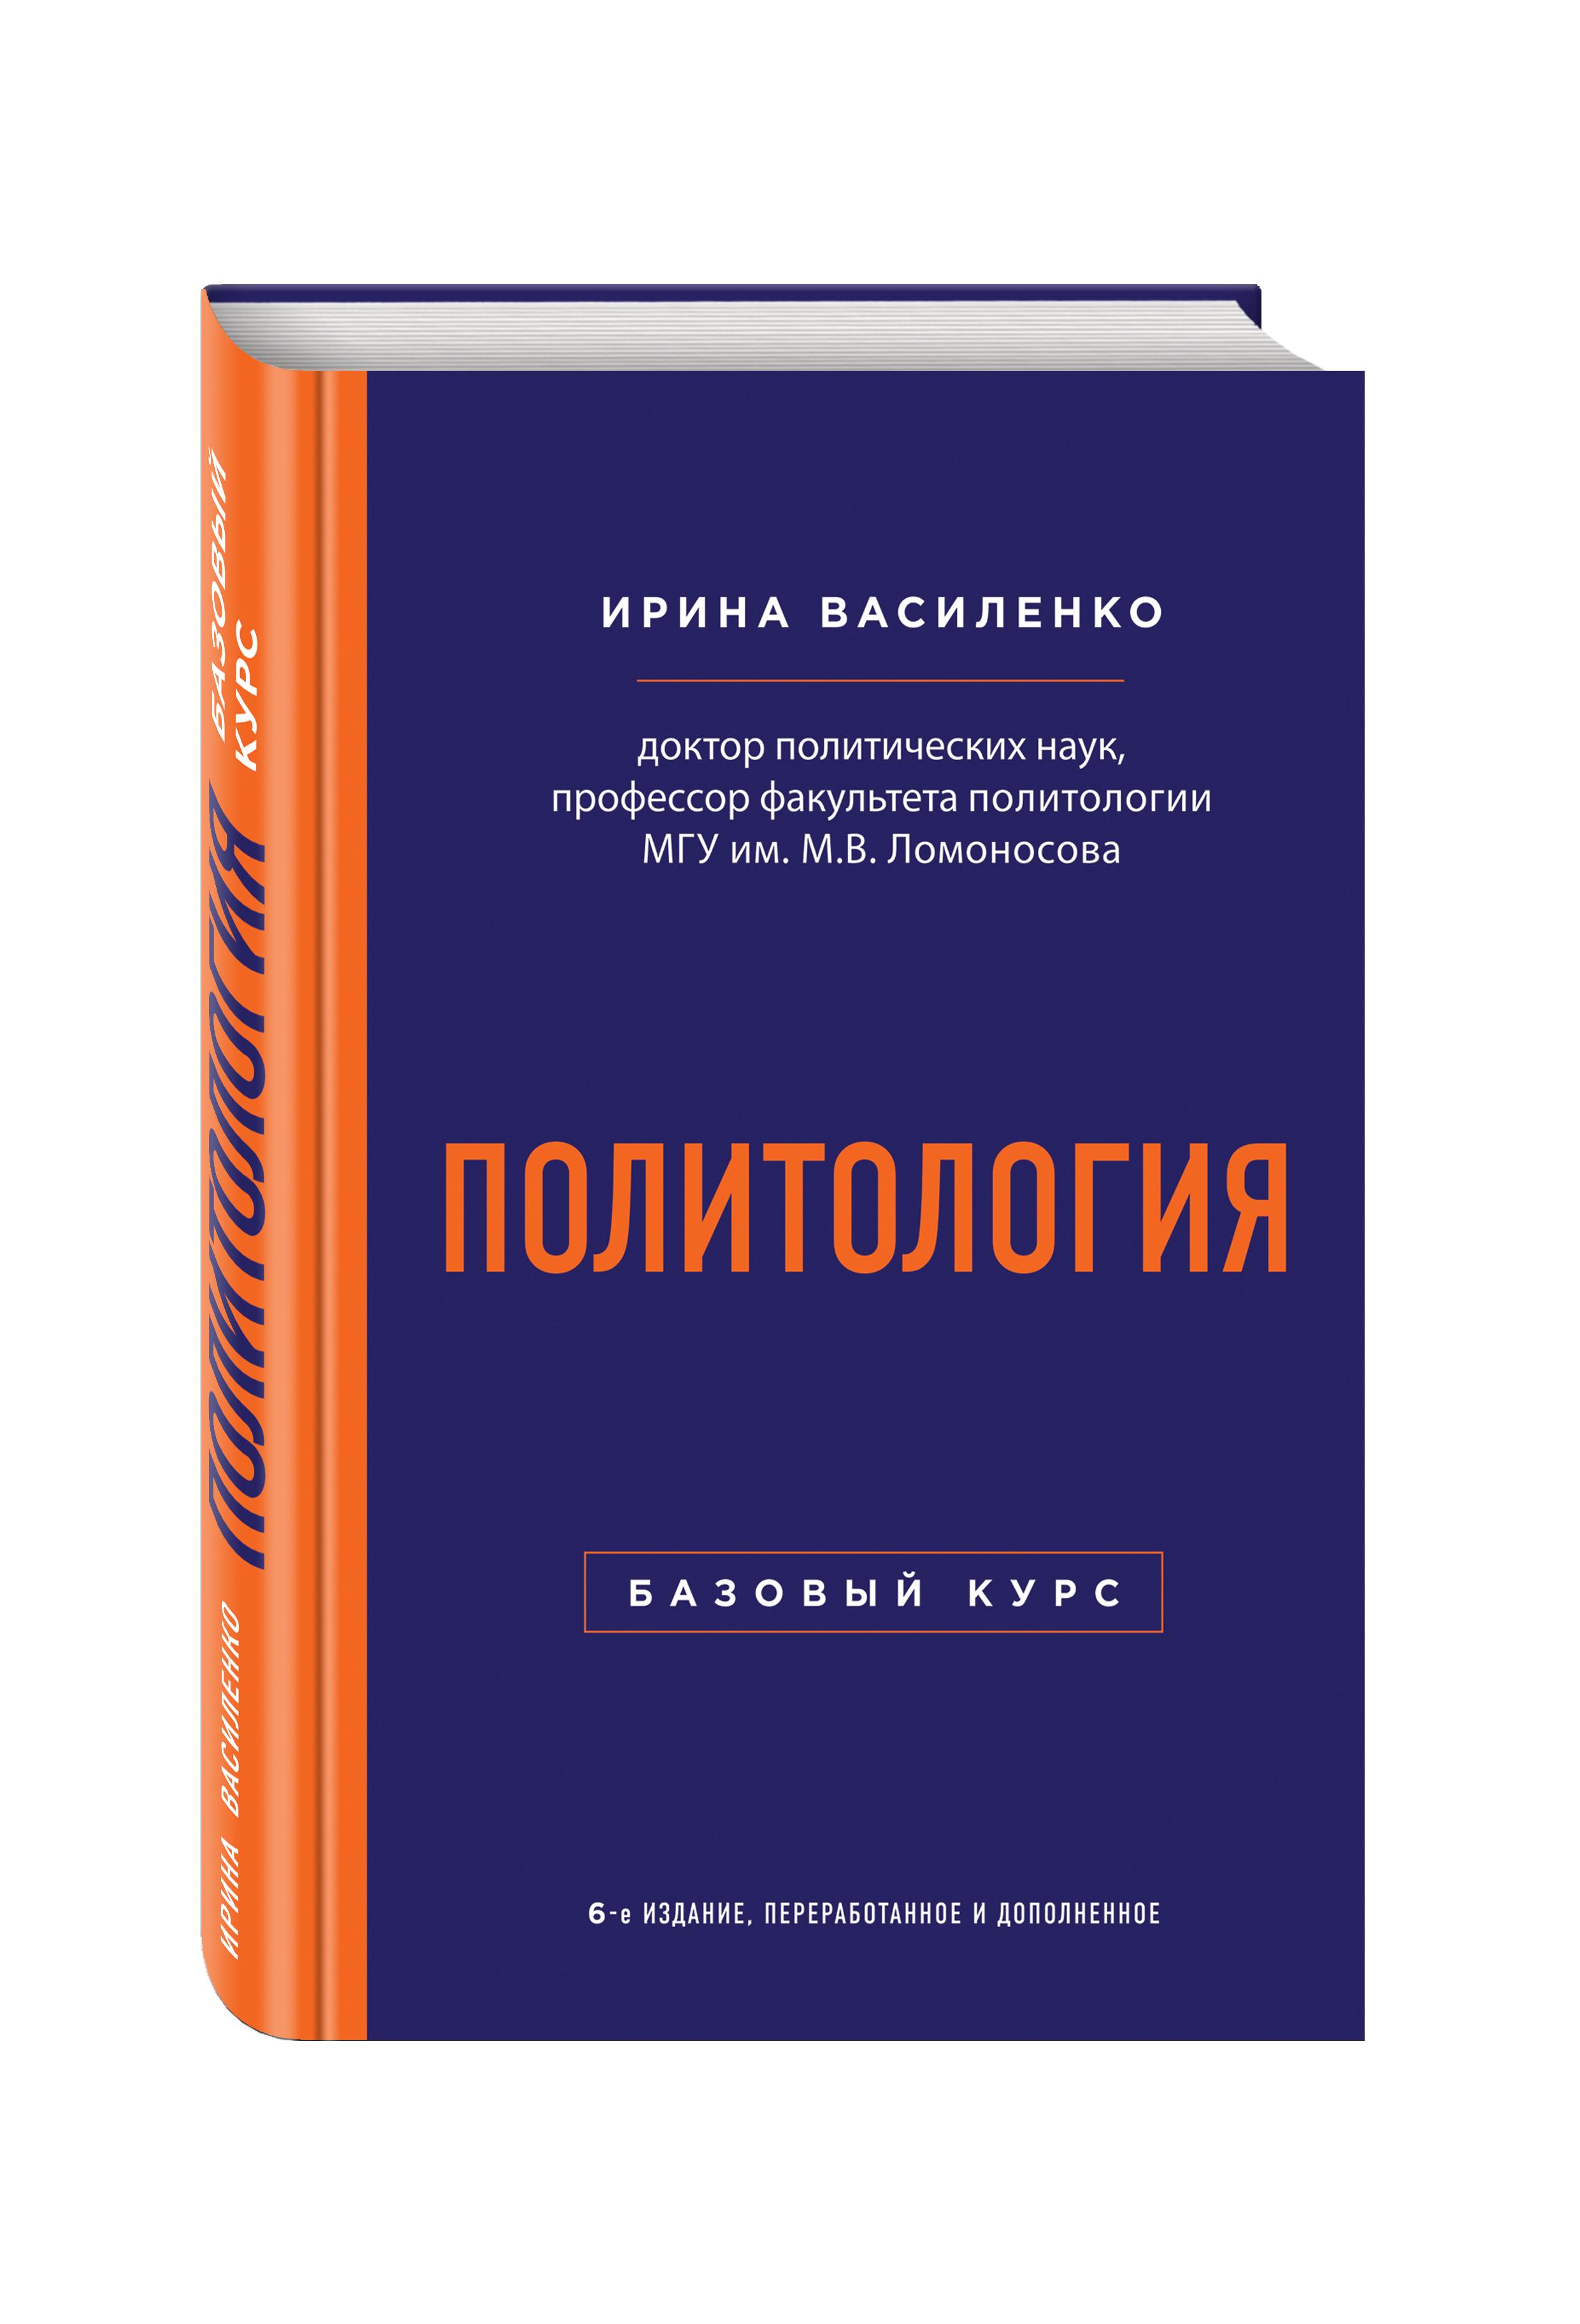 Политология. Базовый курс. 6-е издание, переработанное и дополненное ( Василенко И.А.  )